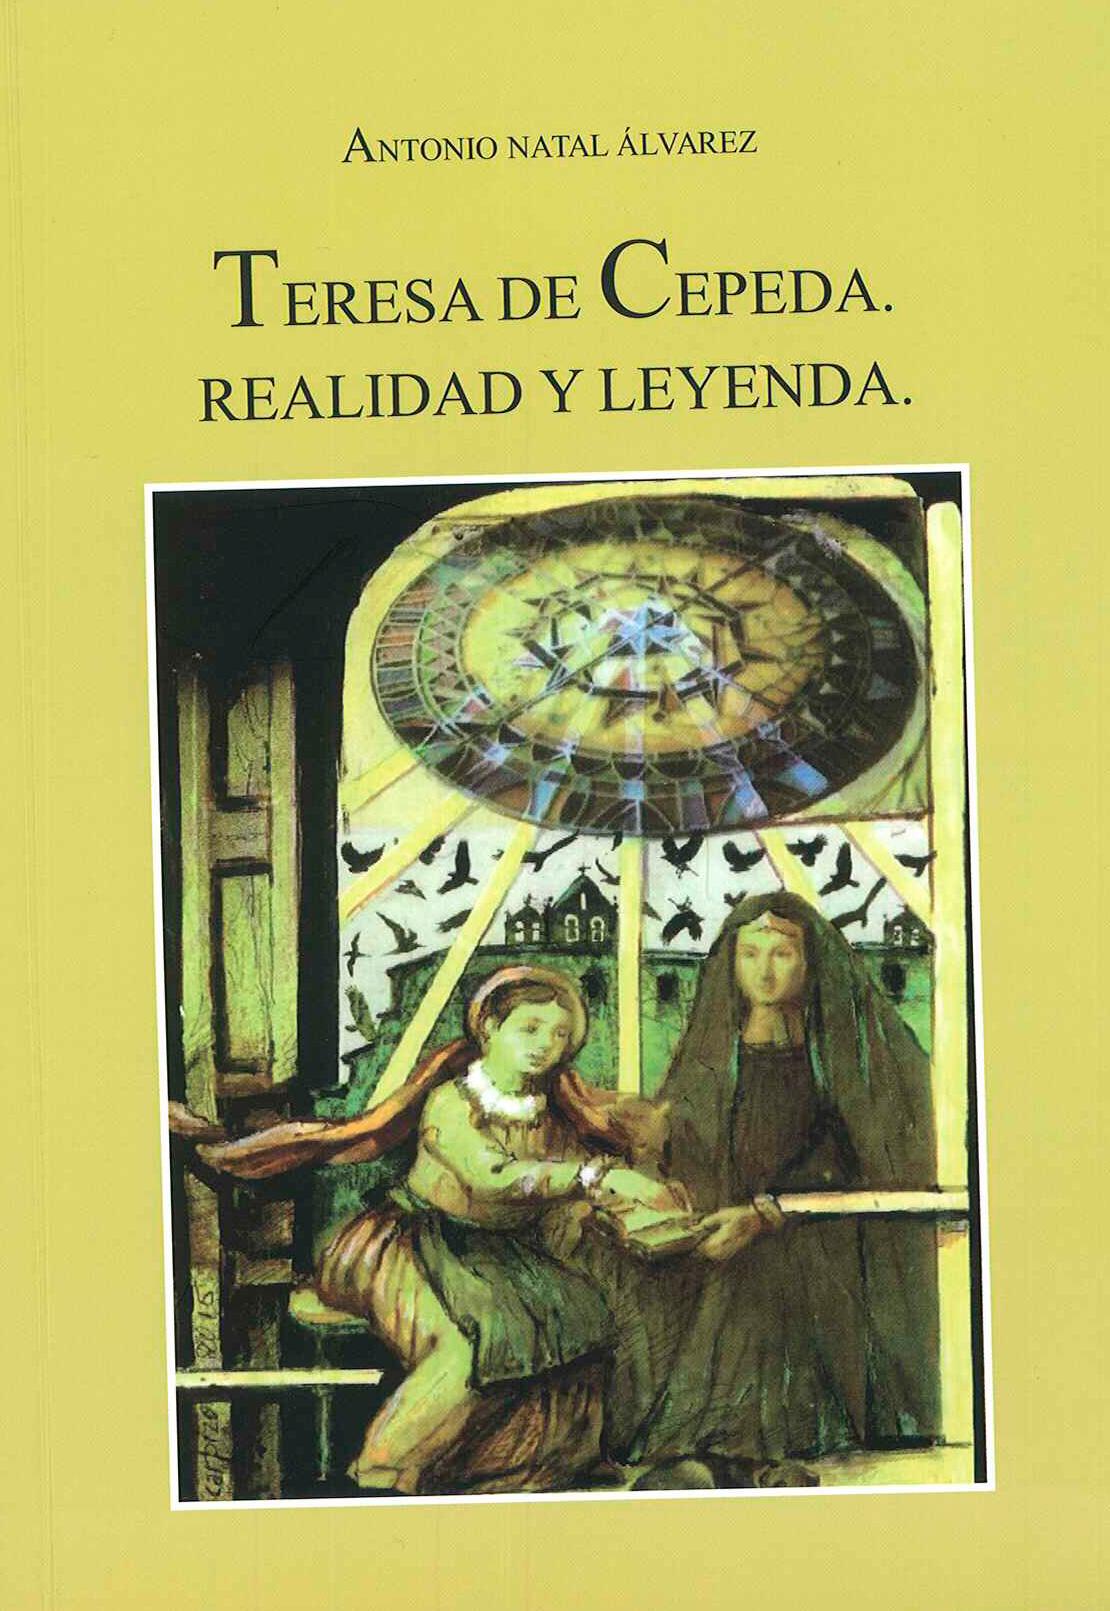 TERESA DE CEPEDA. Realidad y Leyenda